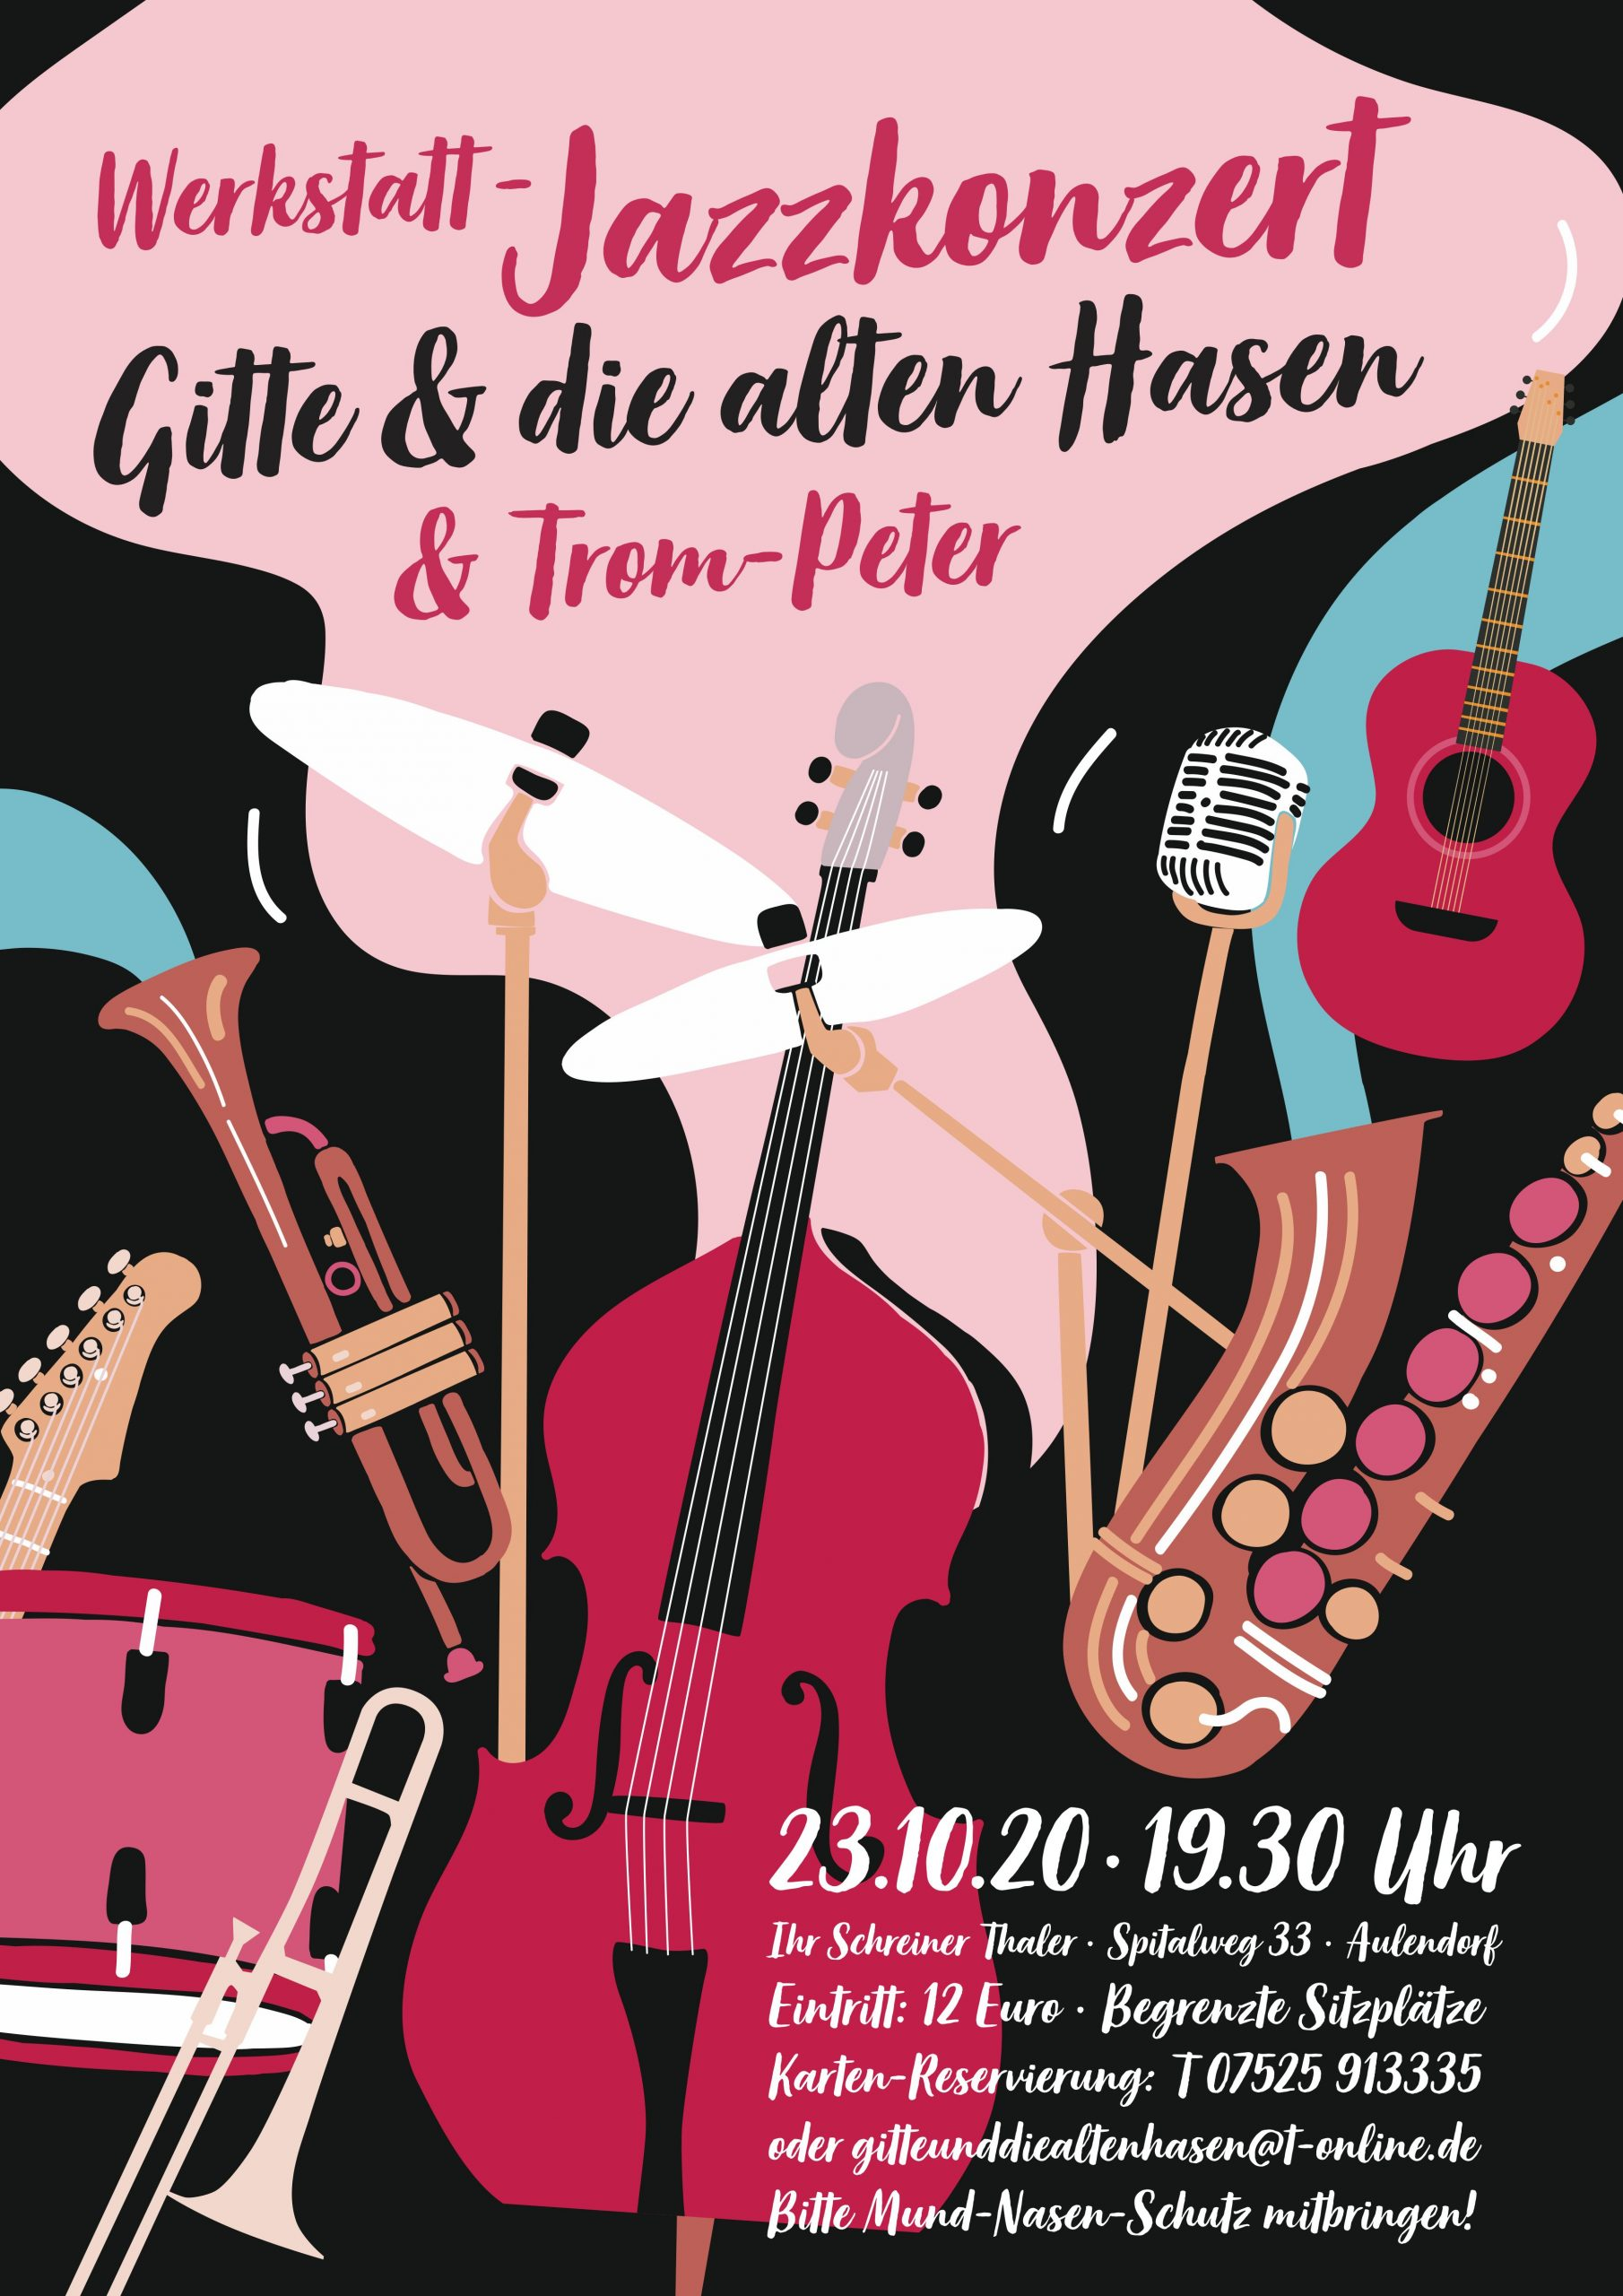 """Herzliche Einladung zum Werkstatt-Jazzkonzert """"Gitte und die alten Hasen"""" mit Special Guest """"Trom-Peter"""" aus Freiburg"""